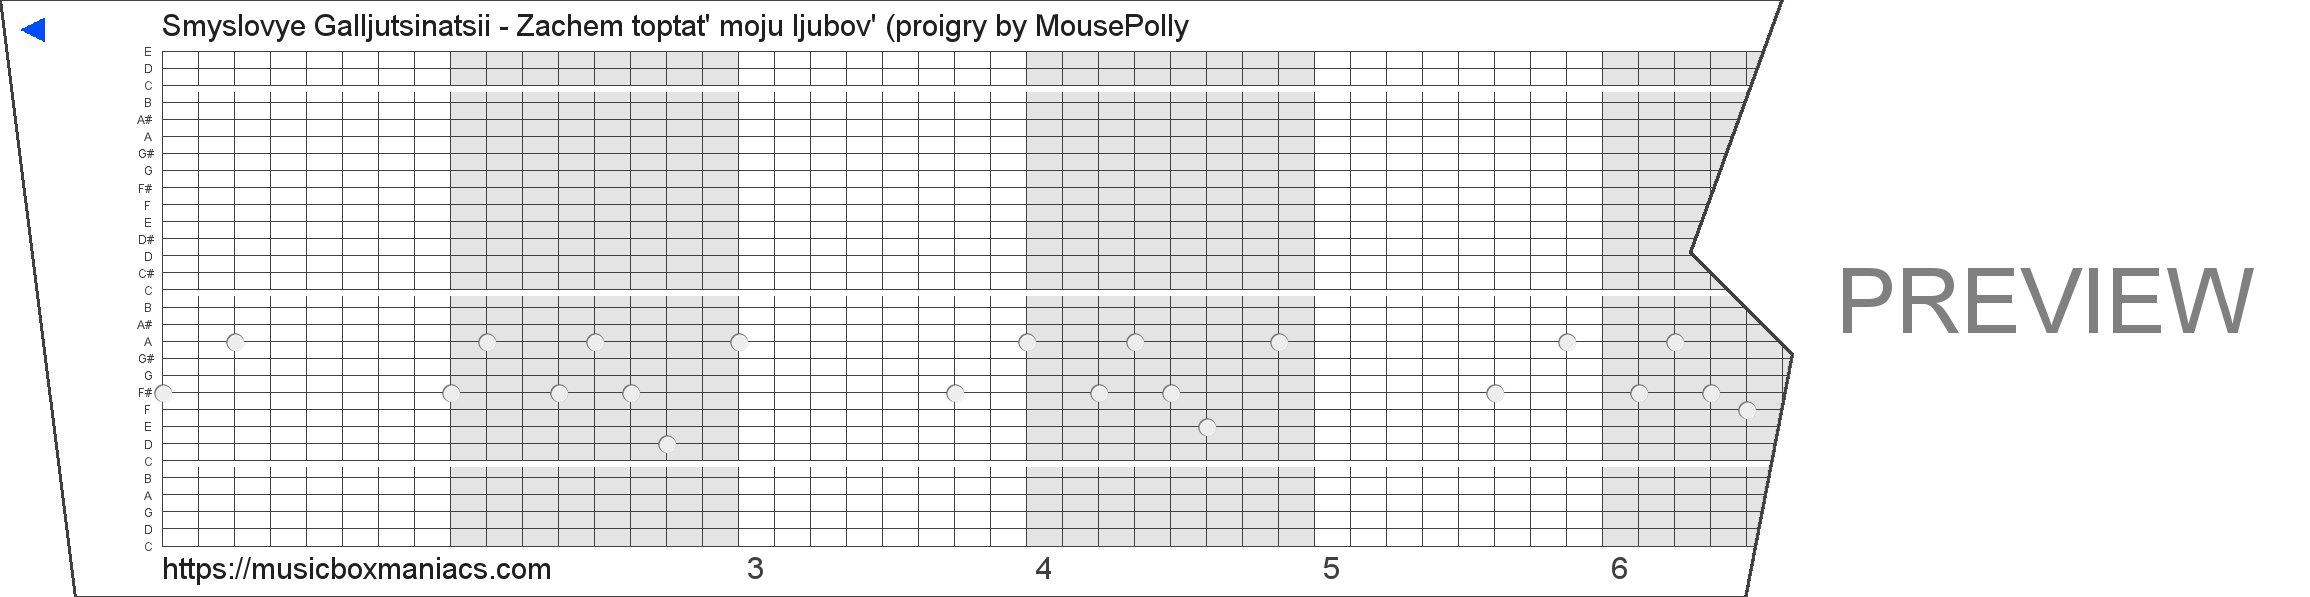 Smyslovye Galljutsinatsii - Zachem toptat' moju ljubov' (proigry 30 note music box paper strip